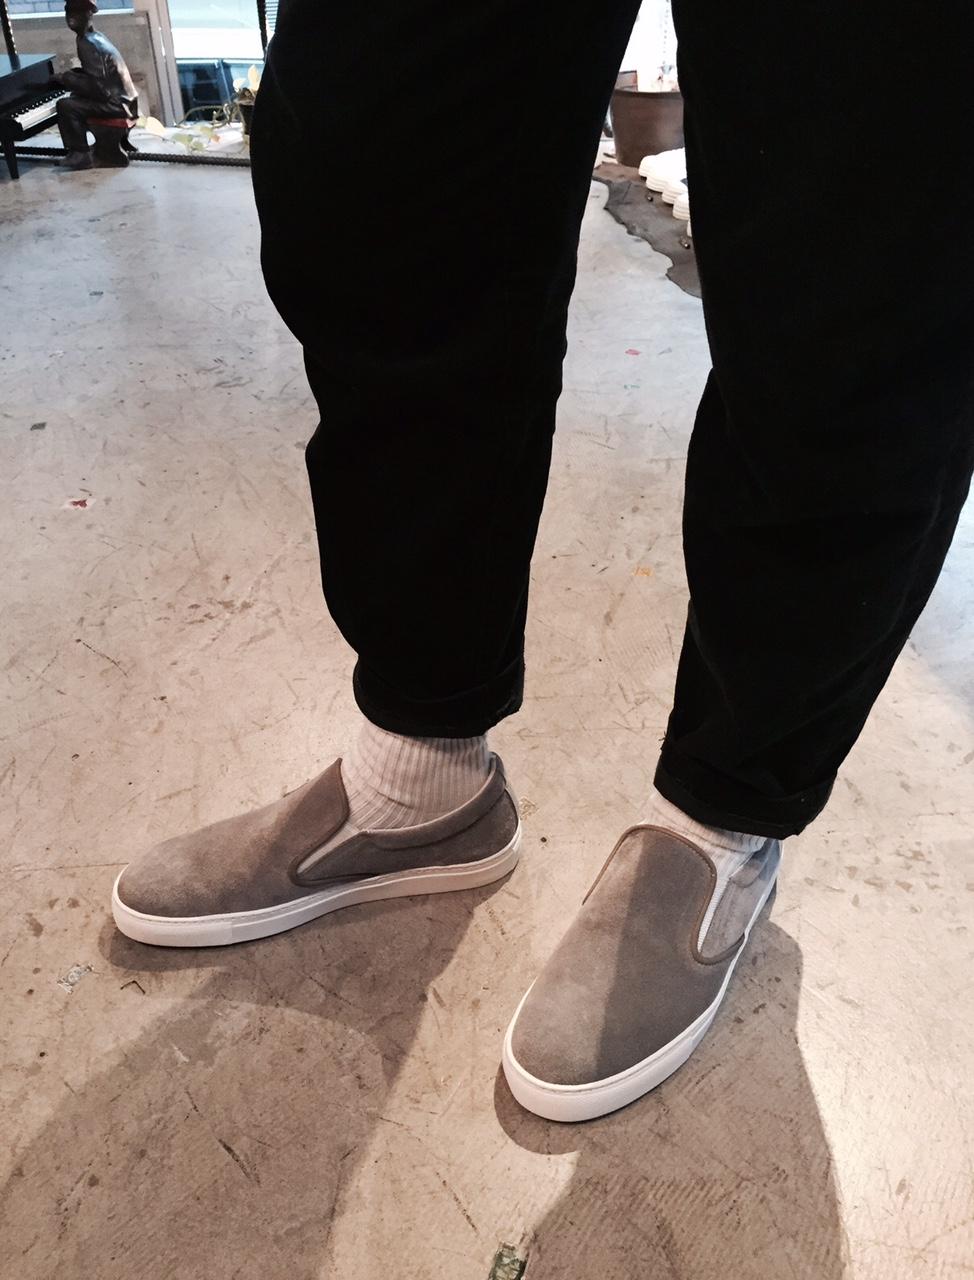 YOAK footwear 2016 A&W.